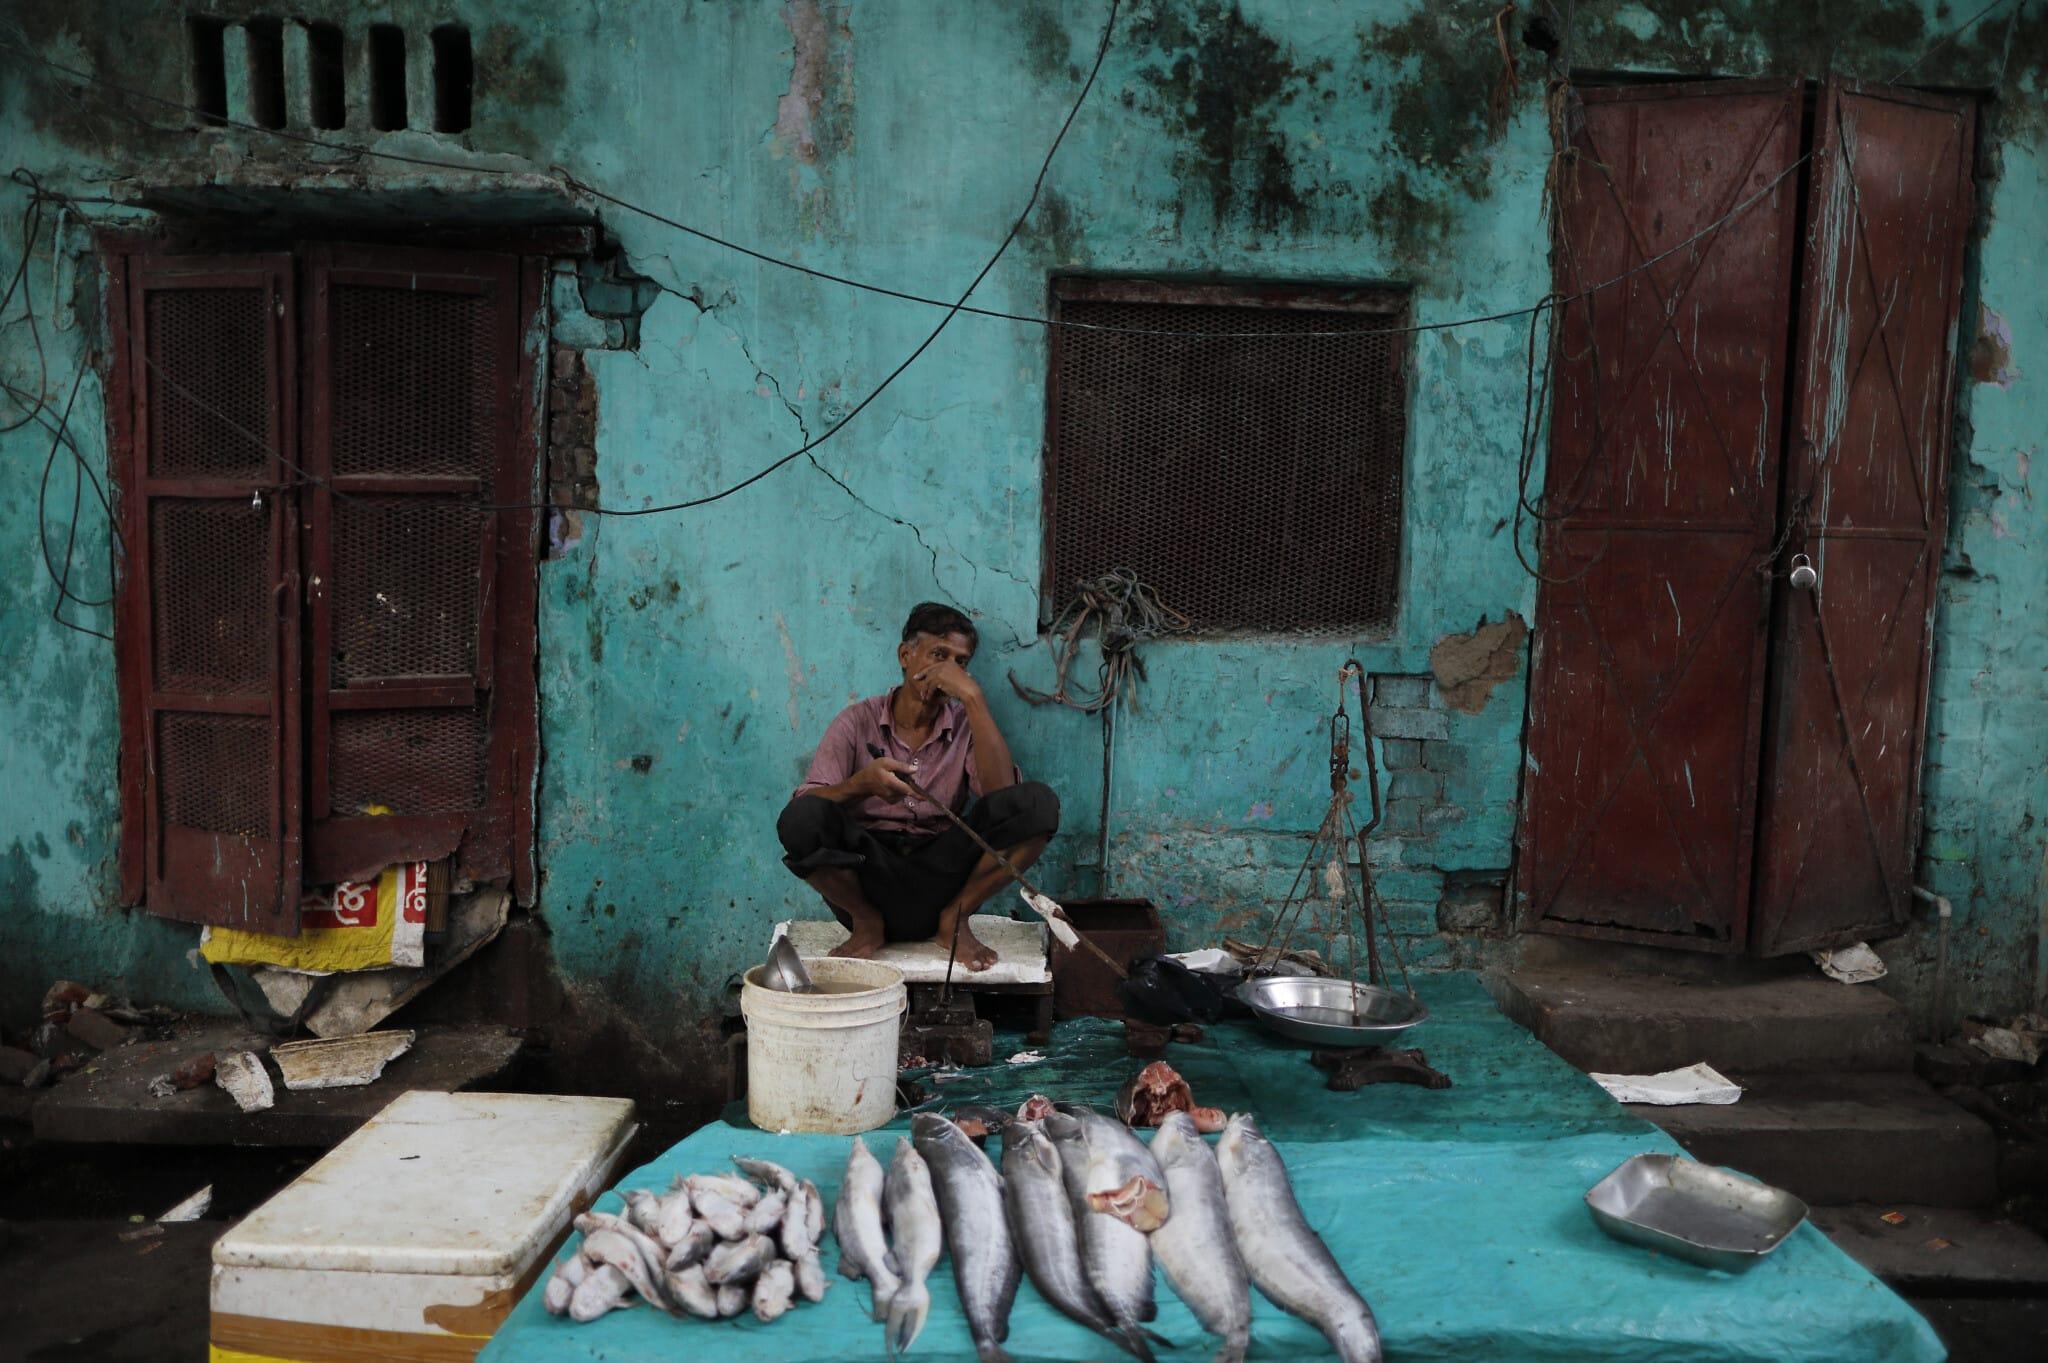 מוכר דגים ממתין ללקוחות בדוכן הדרך שלו בלוקנוב, הודו, ספטמבר 2020, לאחר שהכלכלה הצטמצמה בכמעט 24% ברבעון האחרון (צילום: AP Photo/Rajesh Kumar Singh)